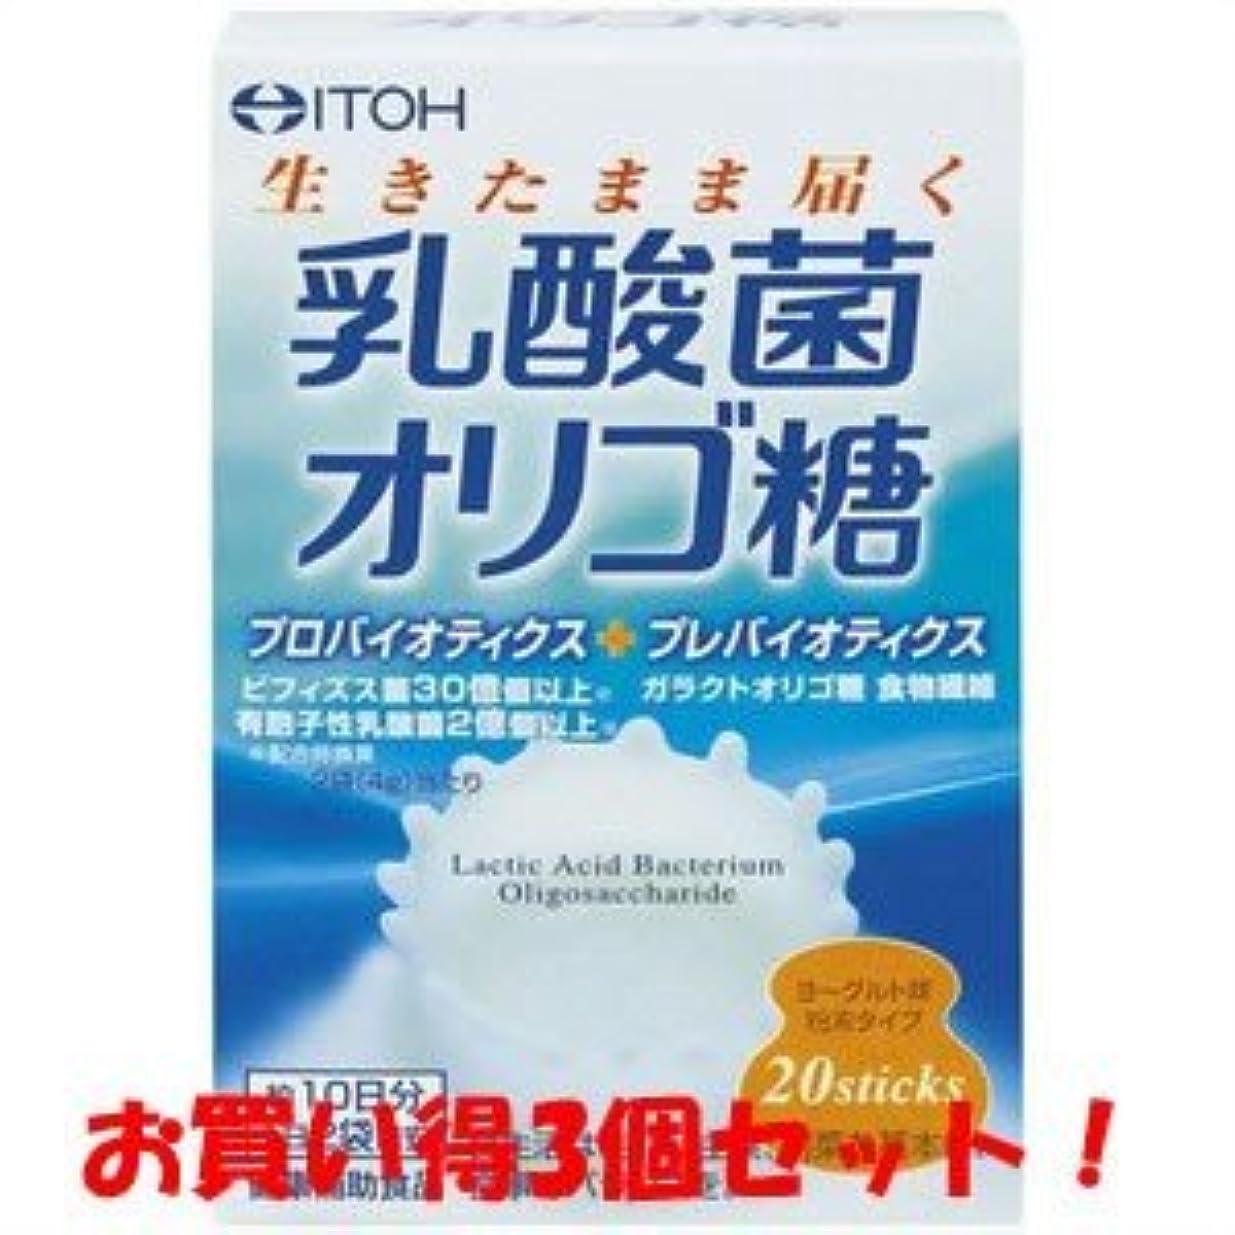 フライトちっちゃい二次【井藤漢方製薬】乳酸菌オリゴ糖 40g(2g×20スティック)(お買い得3個セット)